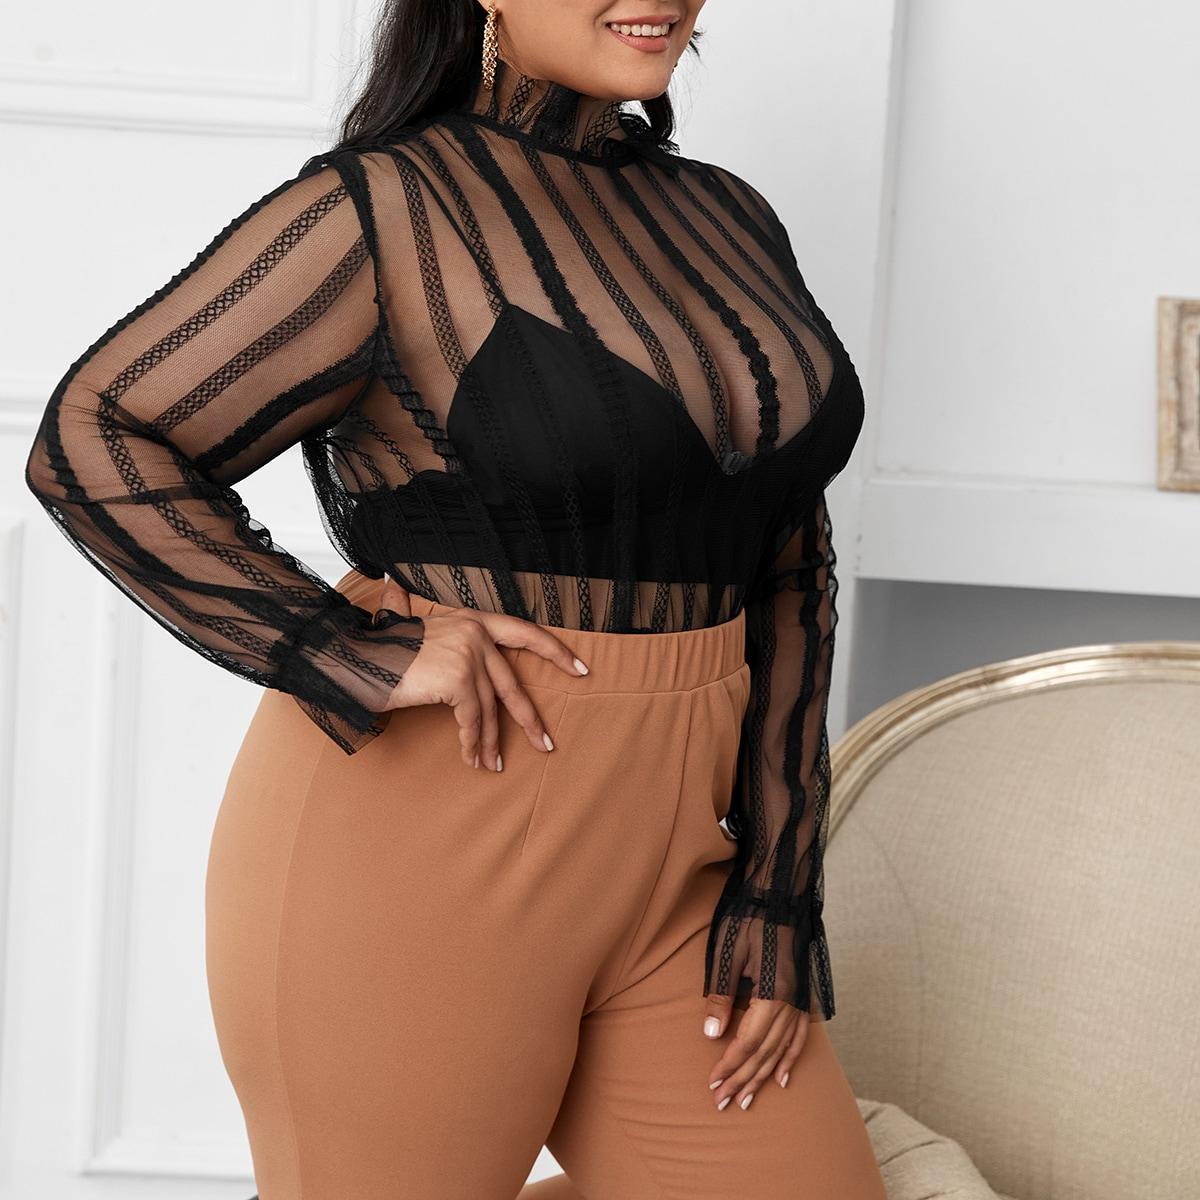 Сетчатая прозрачная блузка размера плюс